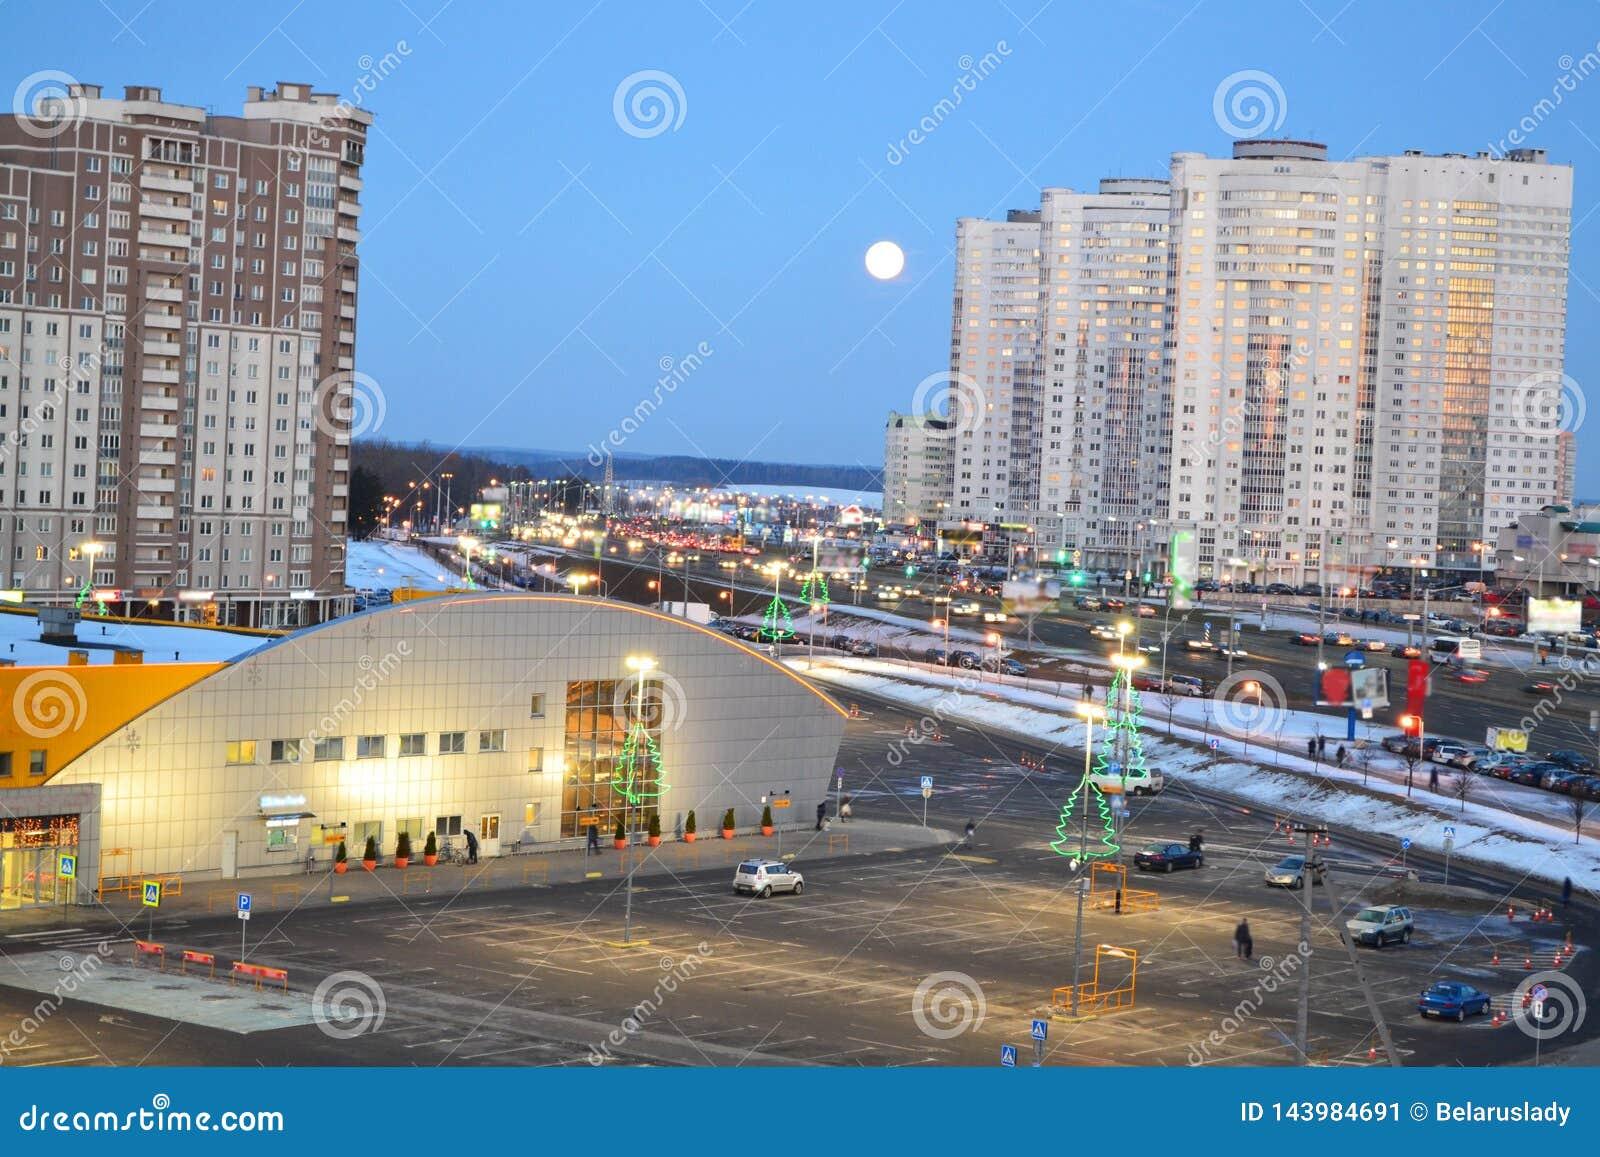 Paisaje urbano hermoso con el centro de la ciudad urbano de Minsk, Bielorrusia Camino urbano del paisaje Cielo nocturno